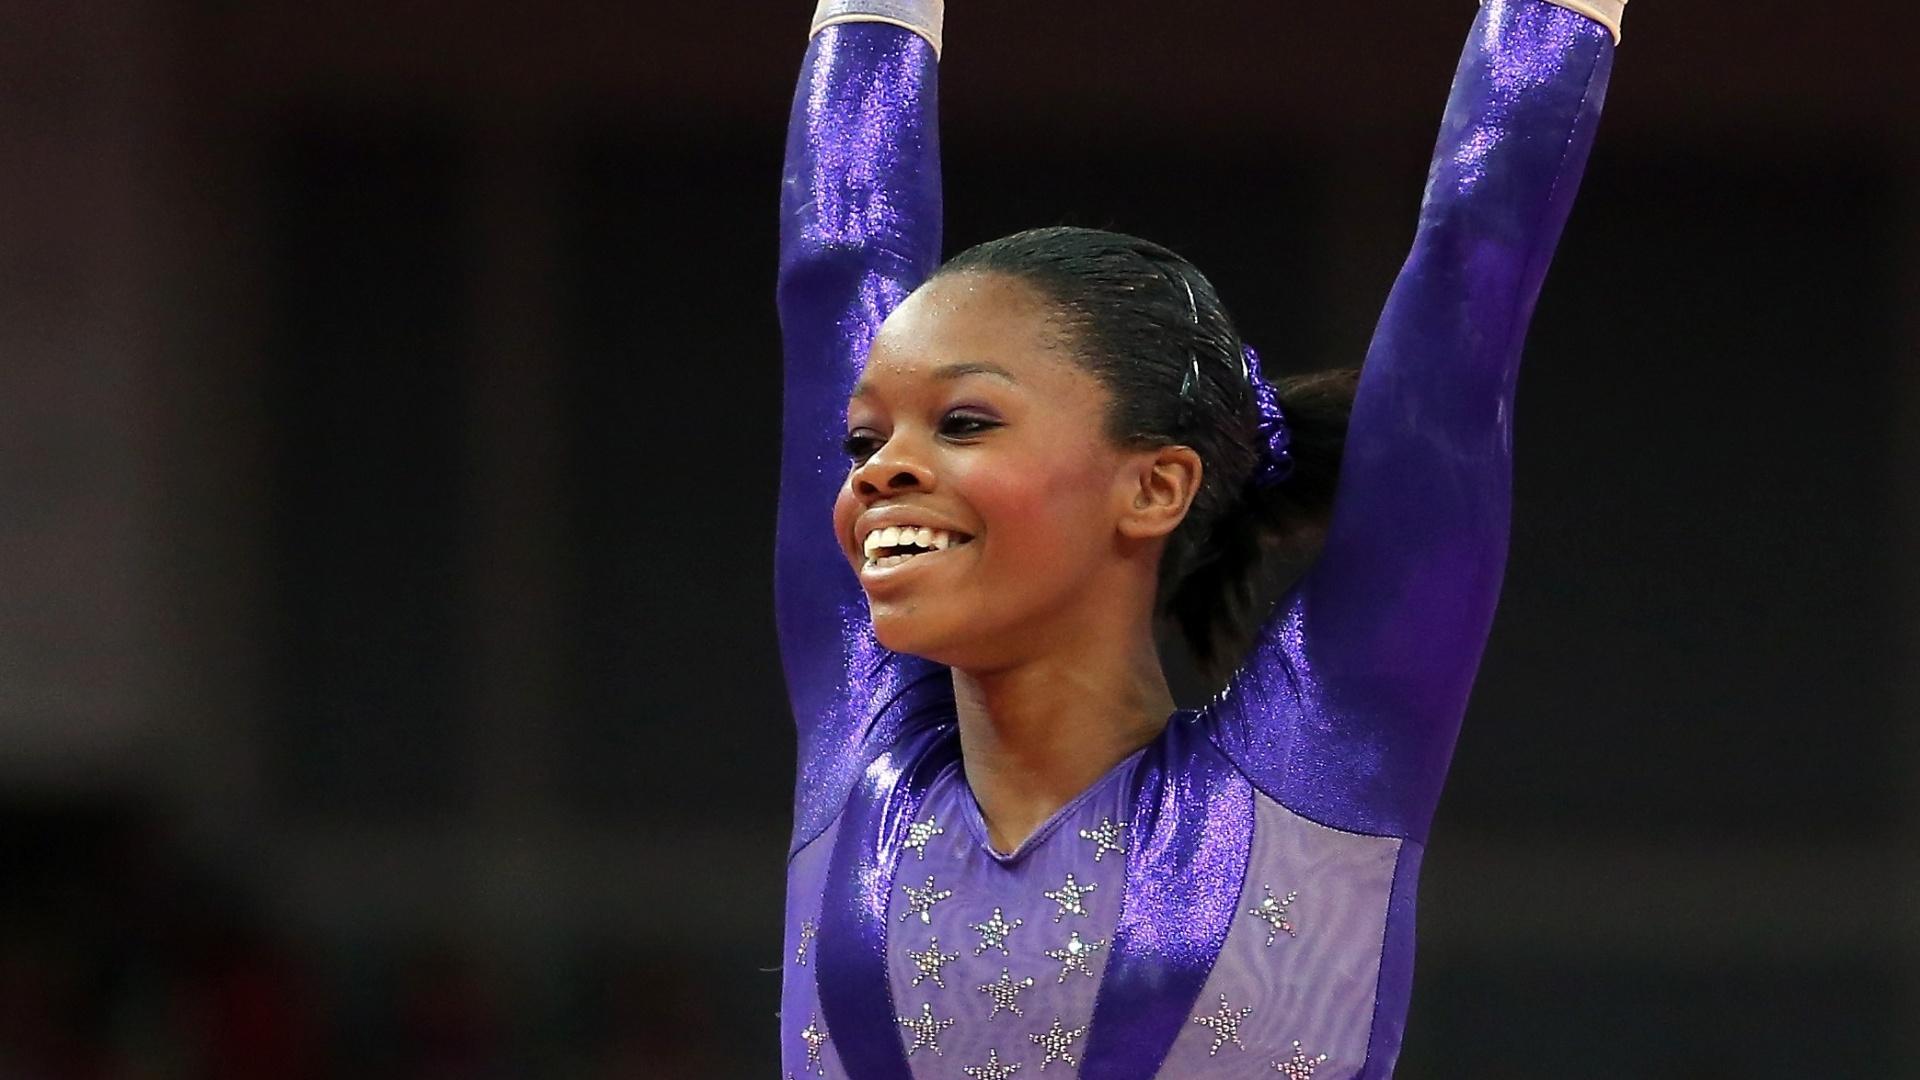 As norte-americanas da ginástica artística não apelaram ao patriotismo e usaram cores diferentes nos vários dias em que atuaram. Nas eliminatórias, toda a equipe, incluindo Gabby Douglas (f), se apresentou de roxo